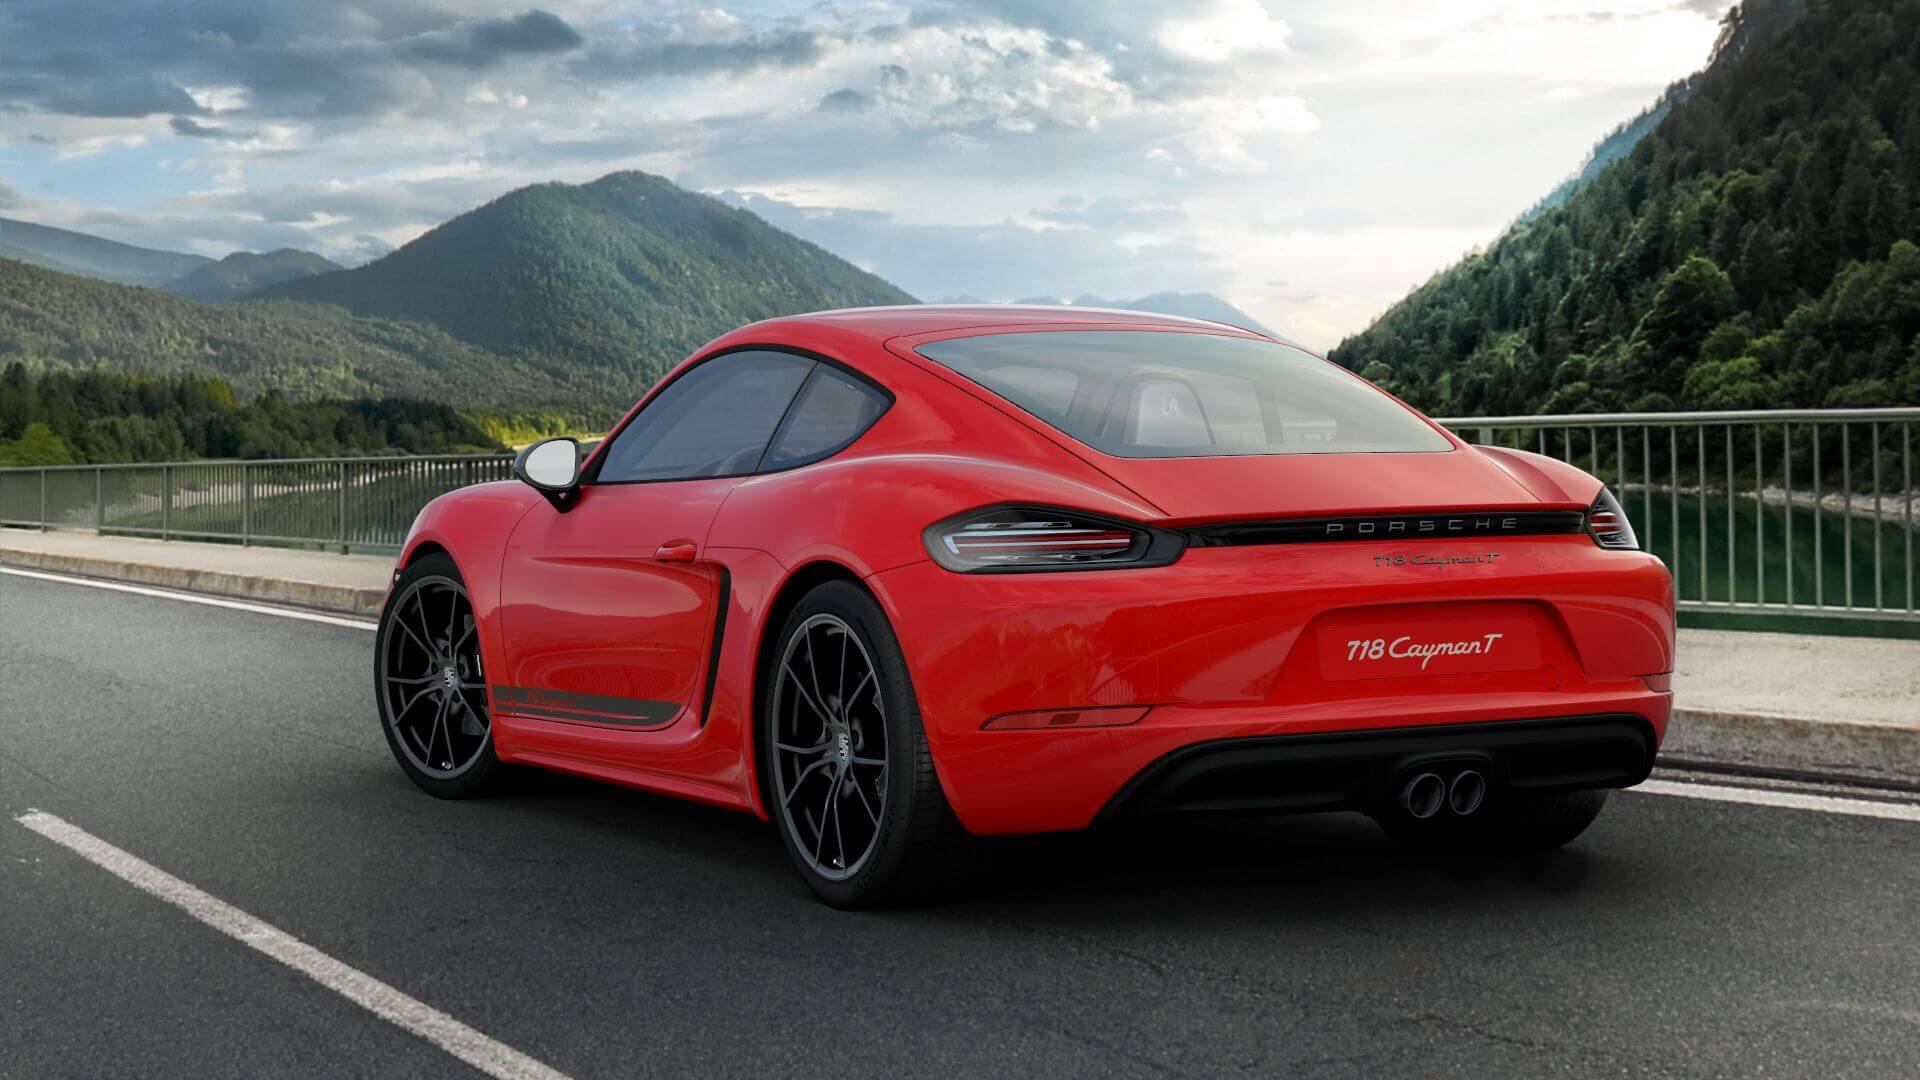 Porsche 718 Cayman T rear